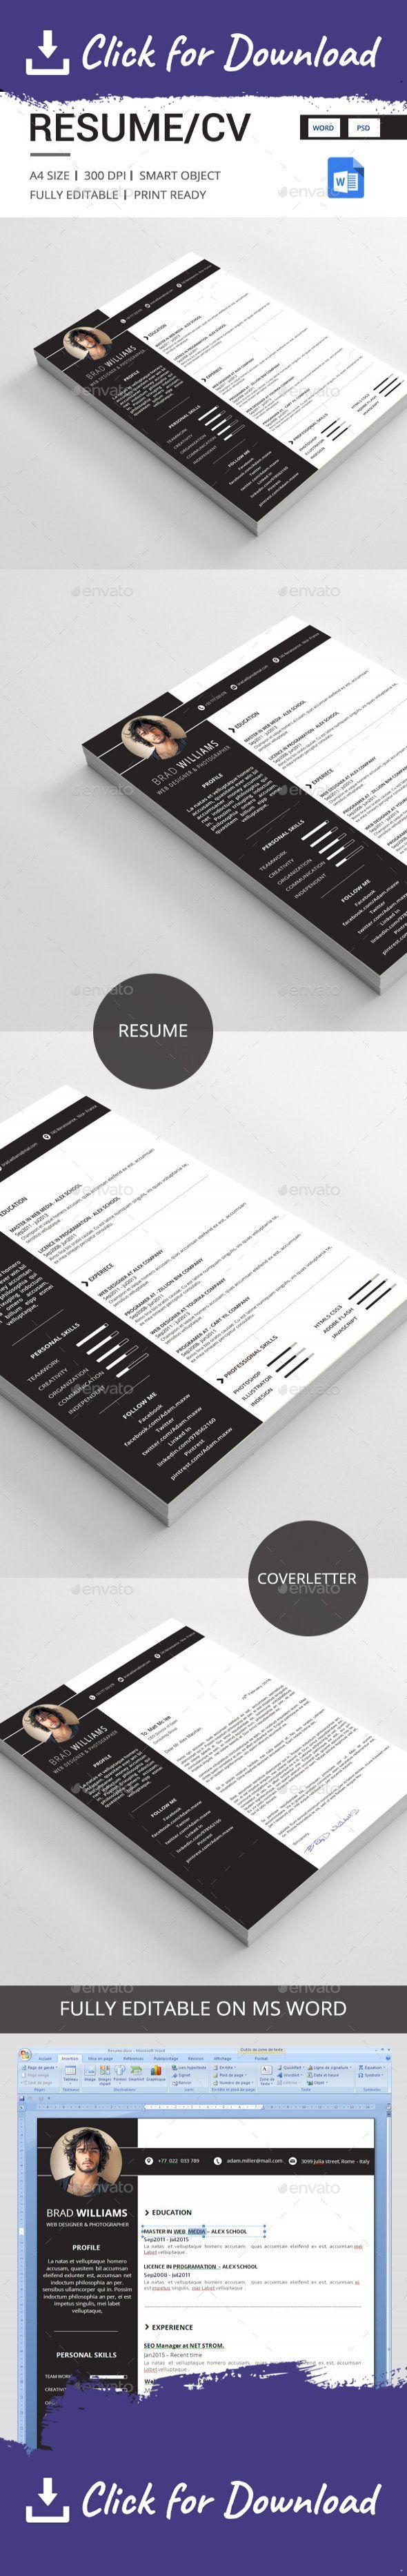 Cv 41 best Resume images on Pinterest